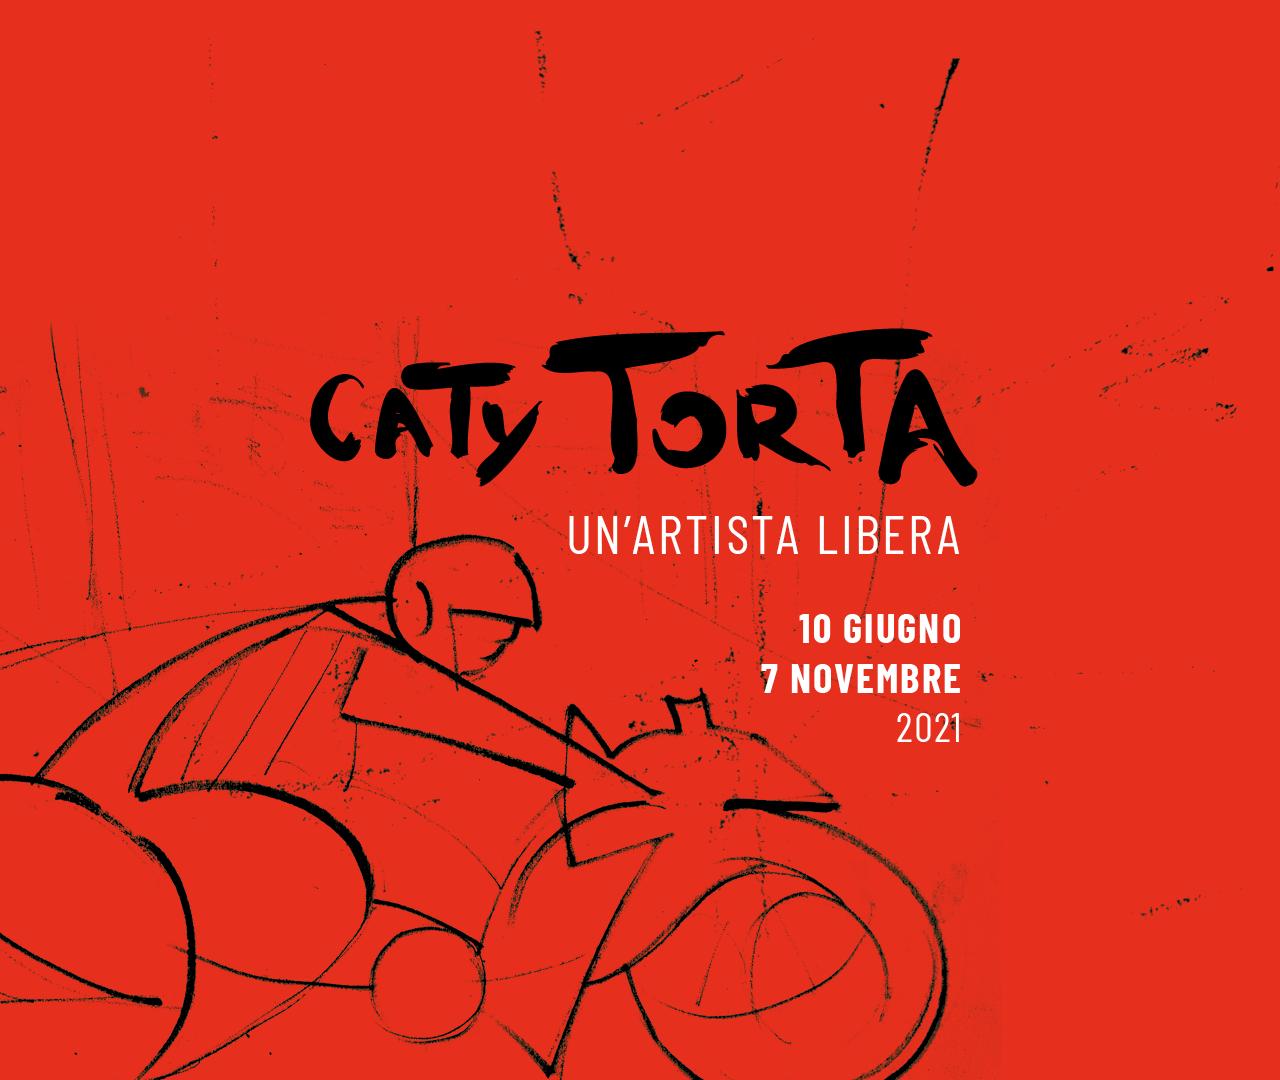 CATY TORTA. UN'ARTISTA LIBERA